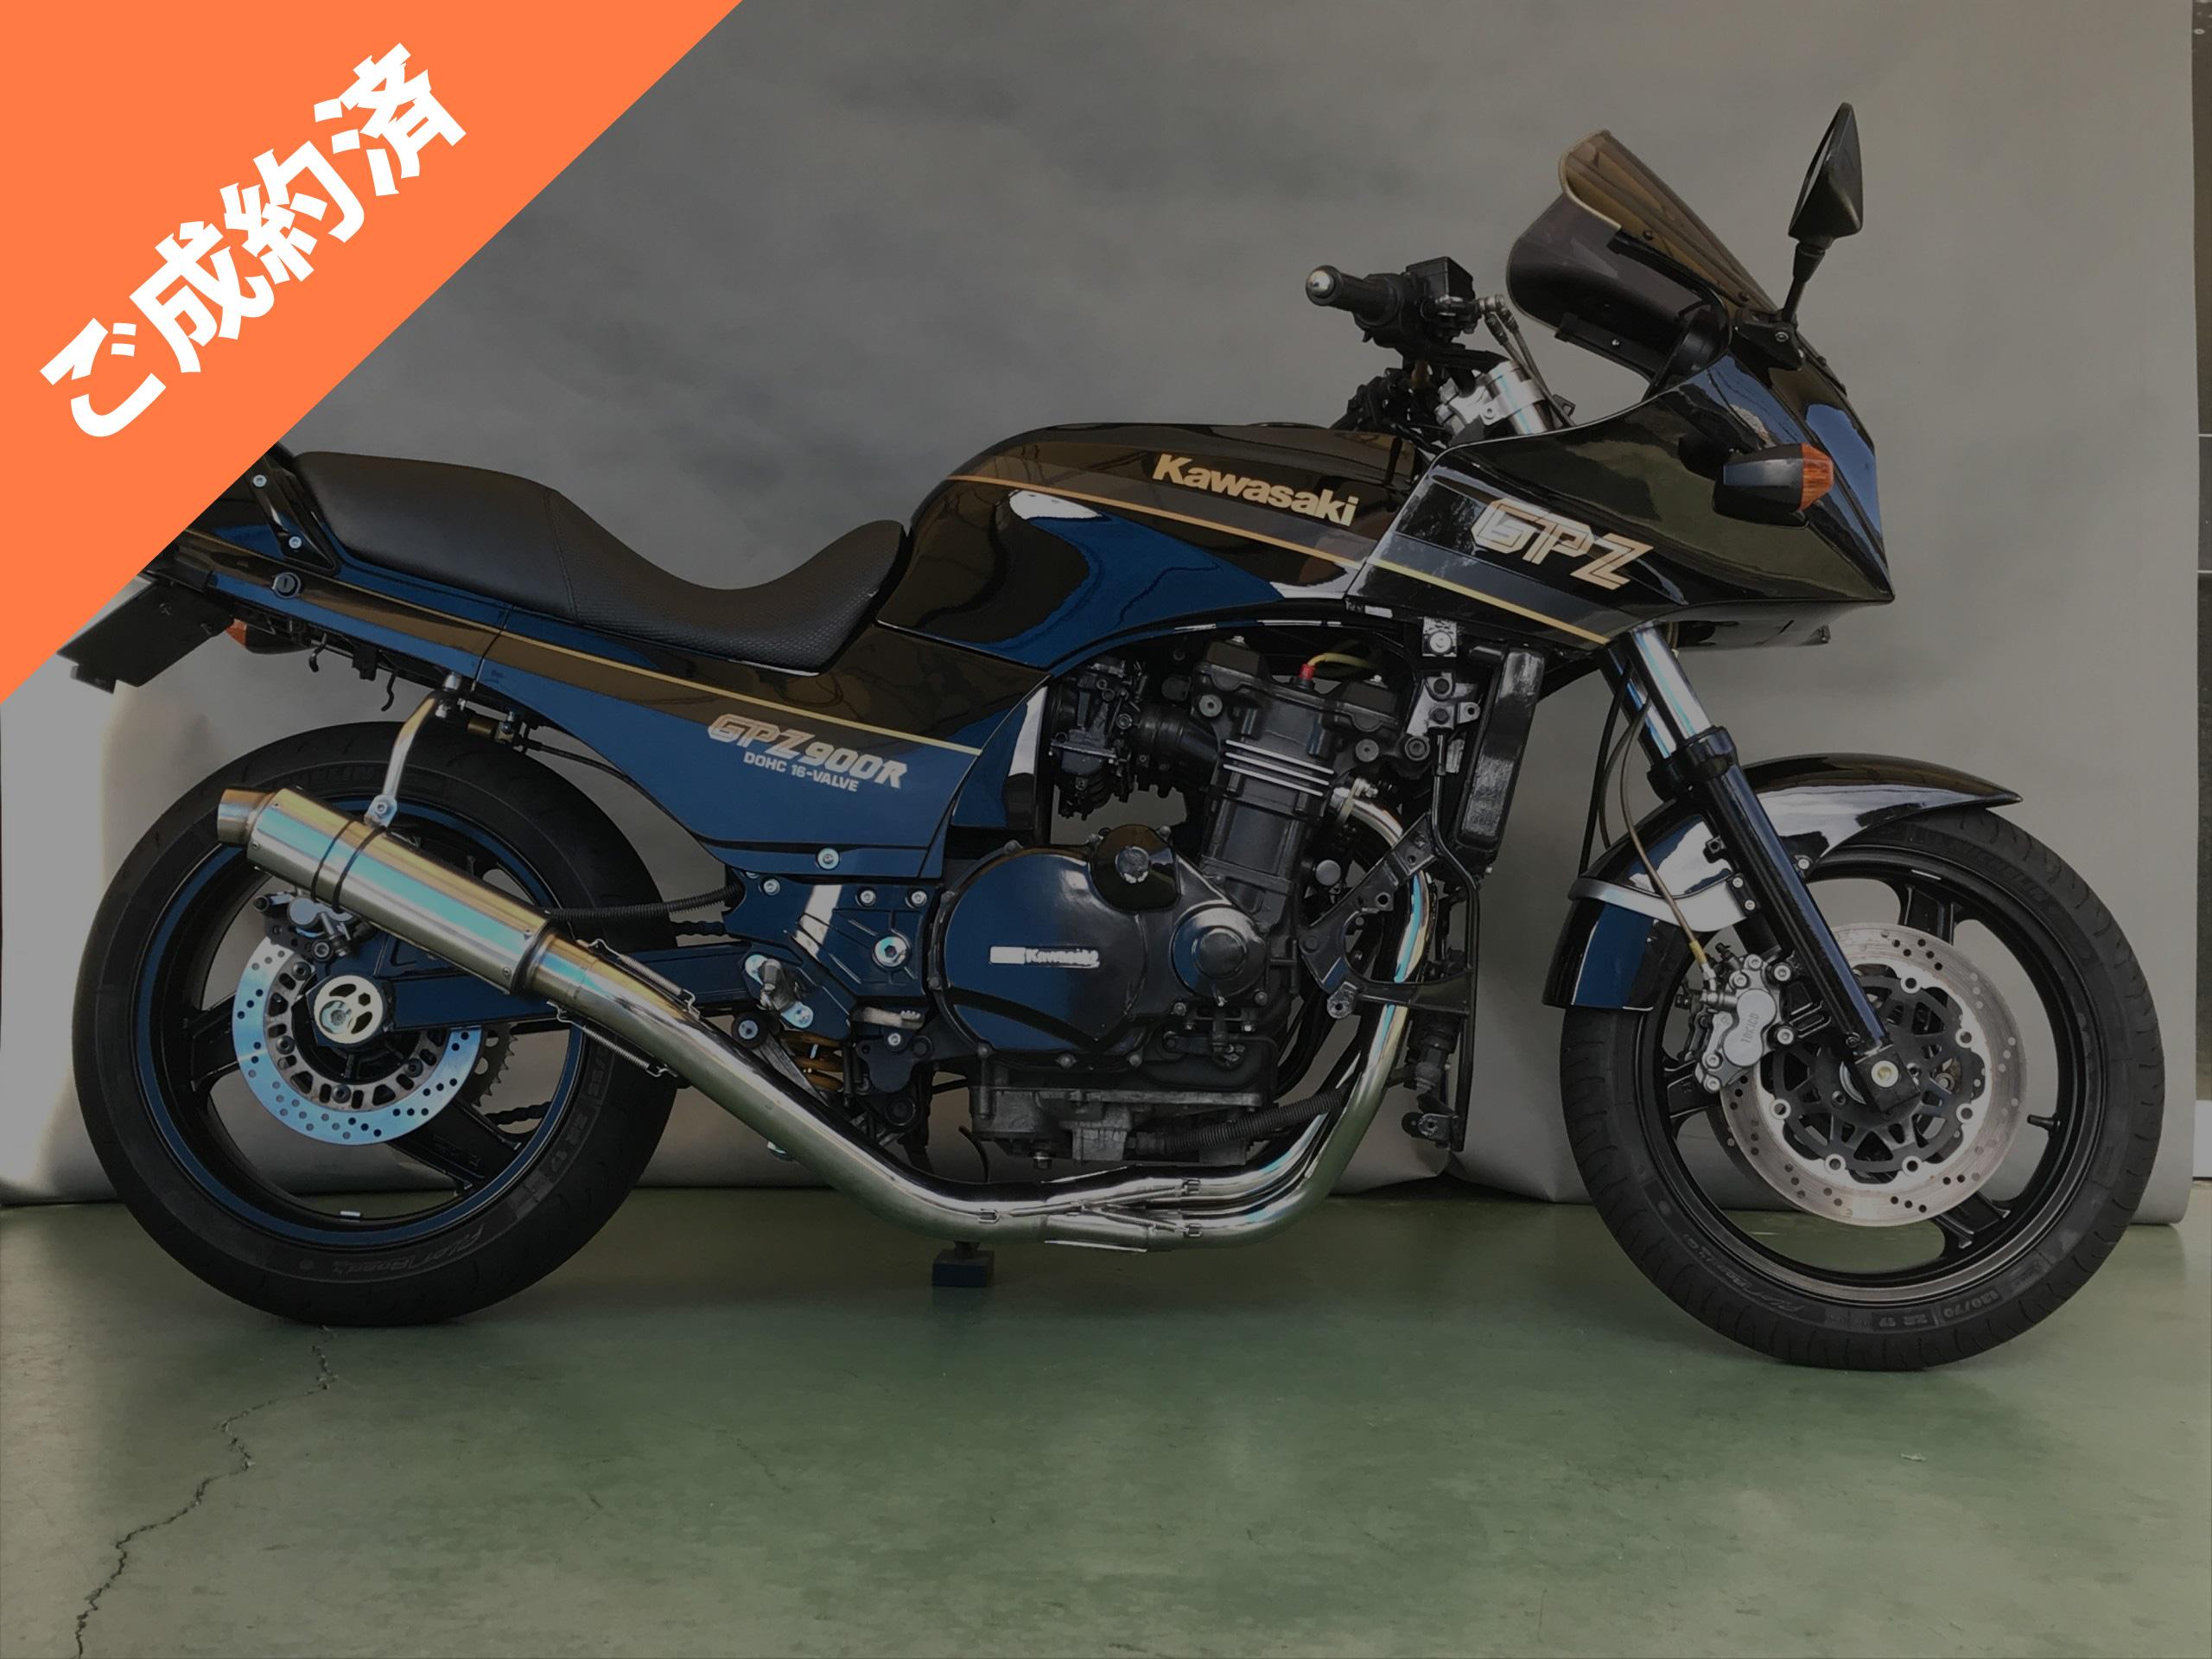 GPZ900R A6車両本体価格:100万円(税別)ご成約済み